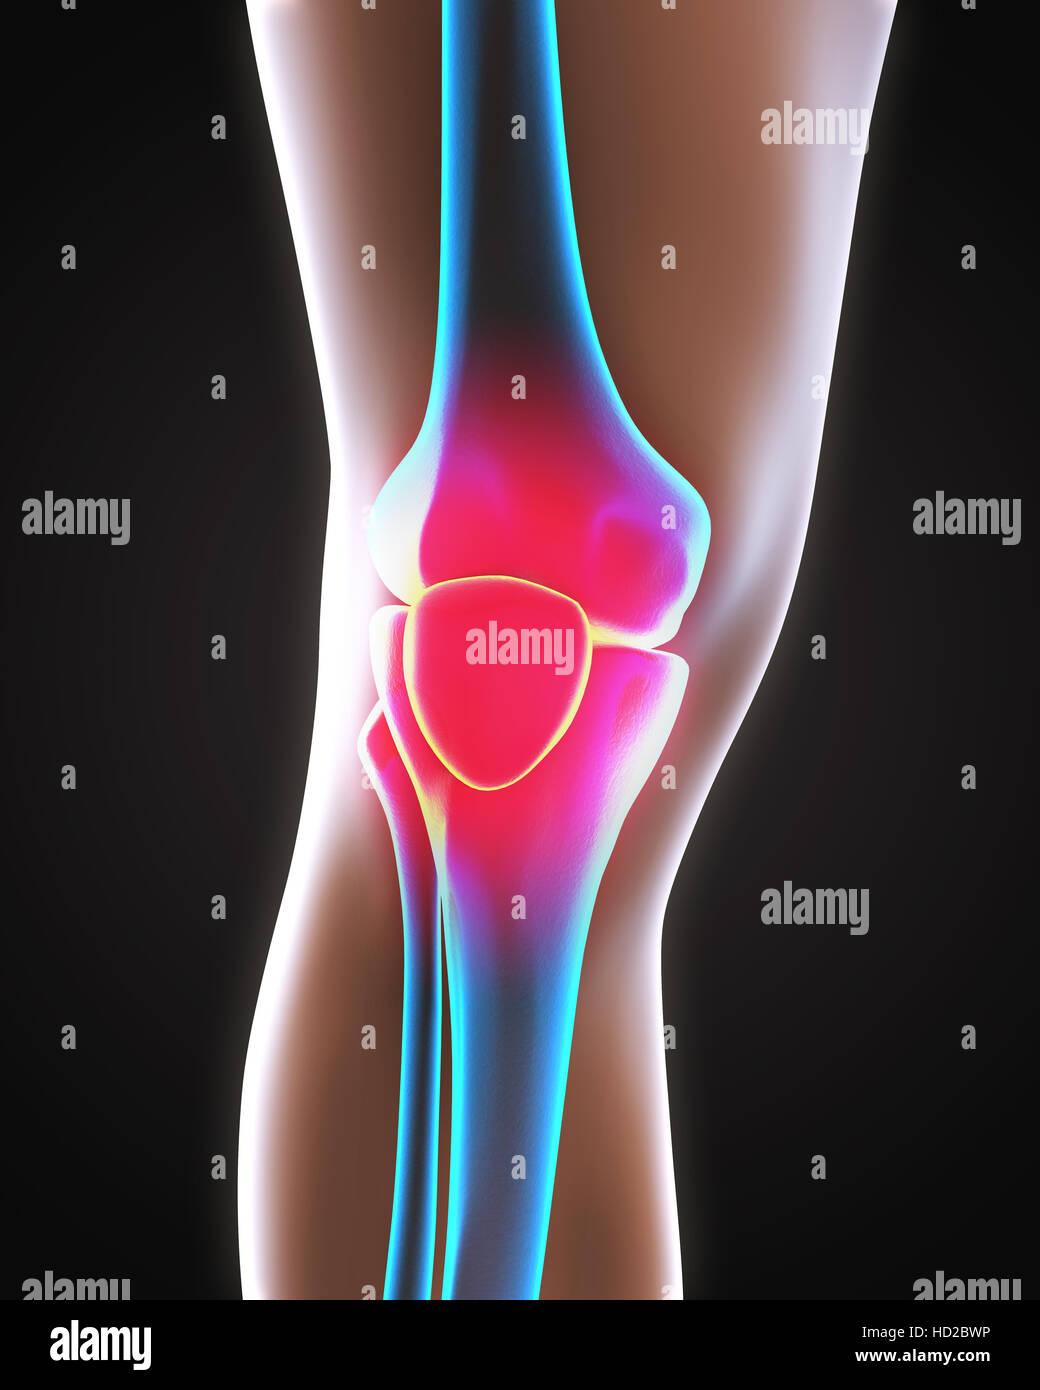 Anatomie der menschlichen Knie Stockfoto, Bild: 128516354 - Alamy